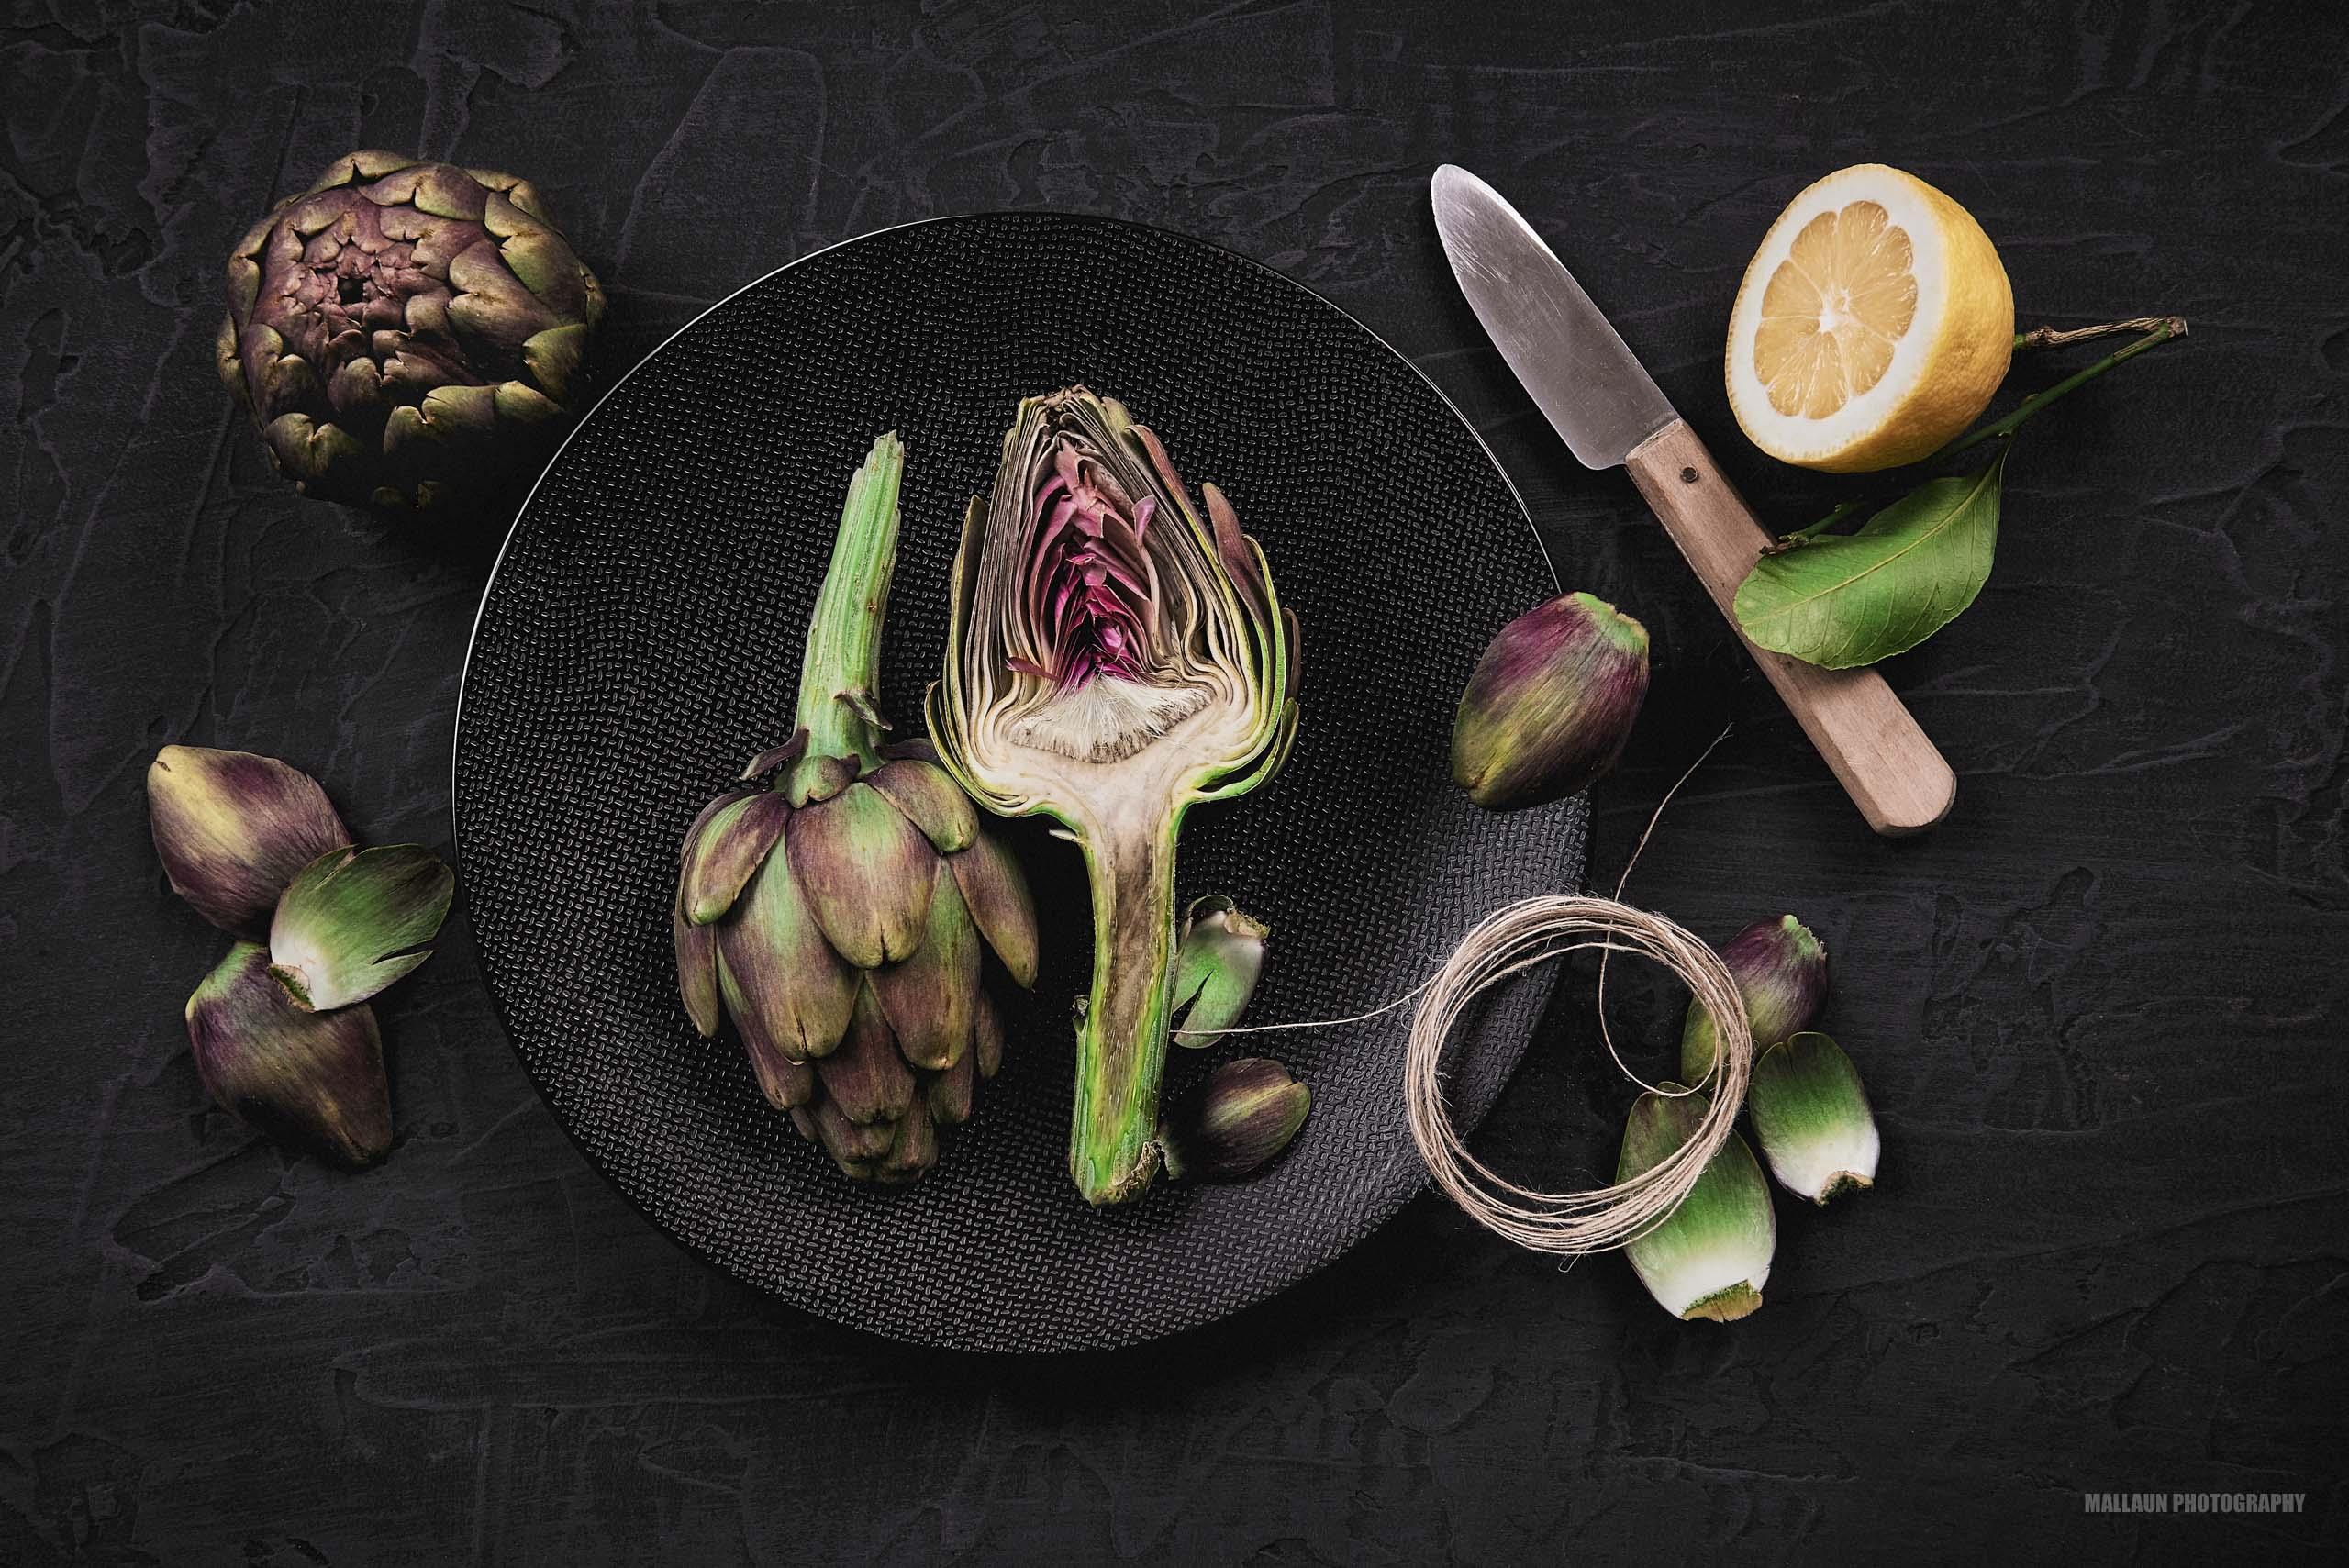 Schön angerichtete, aufgeschnittene Artischocke auf dunklem Teller und dunklem Foodboard.